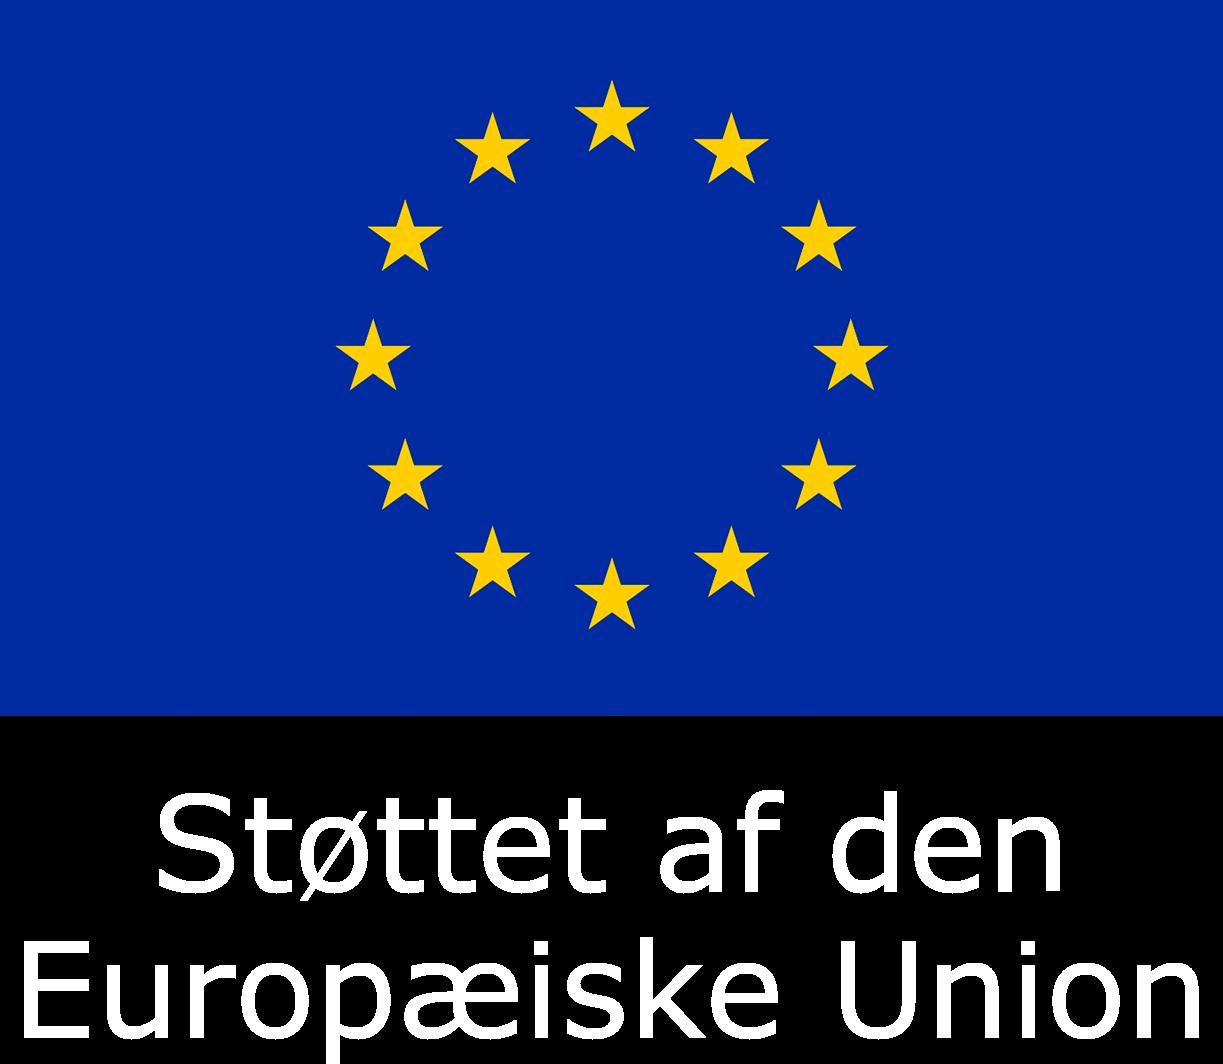 Europæiske Unions flag med tekst under.